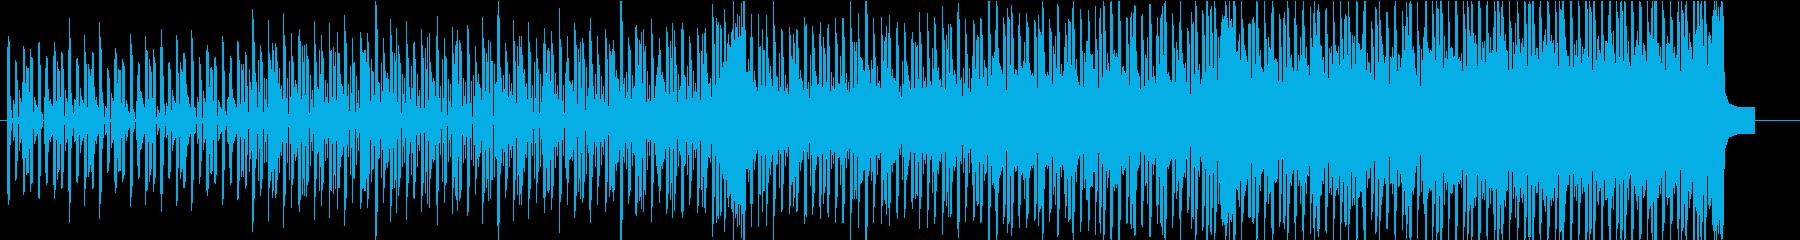 ローファイなブリープテクノの再生済みの波形